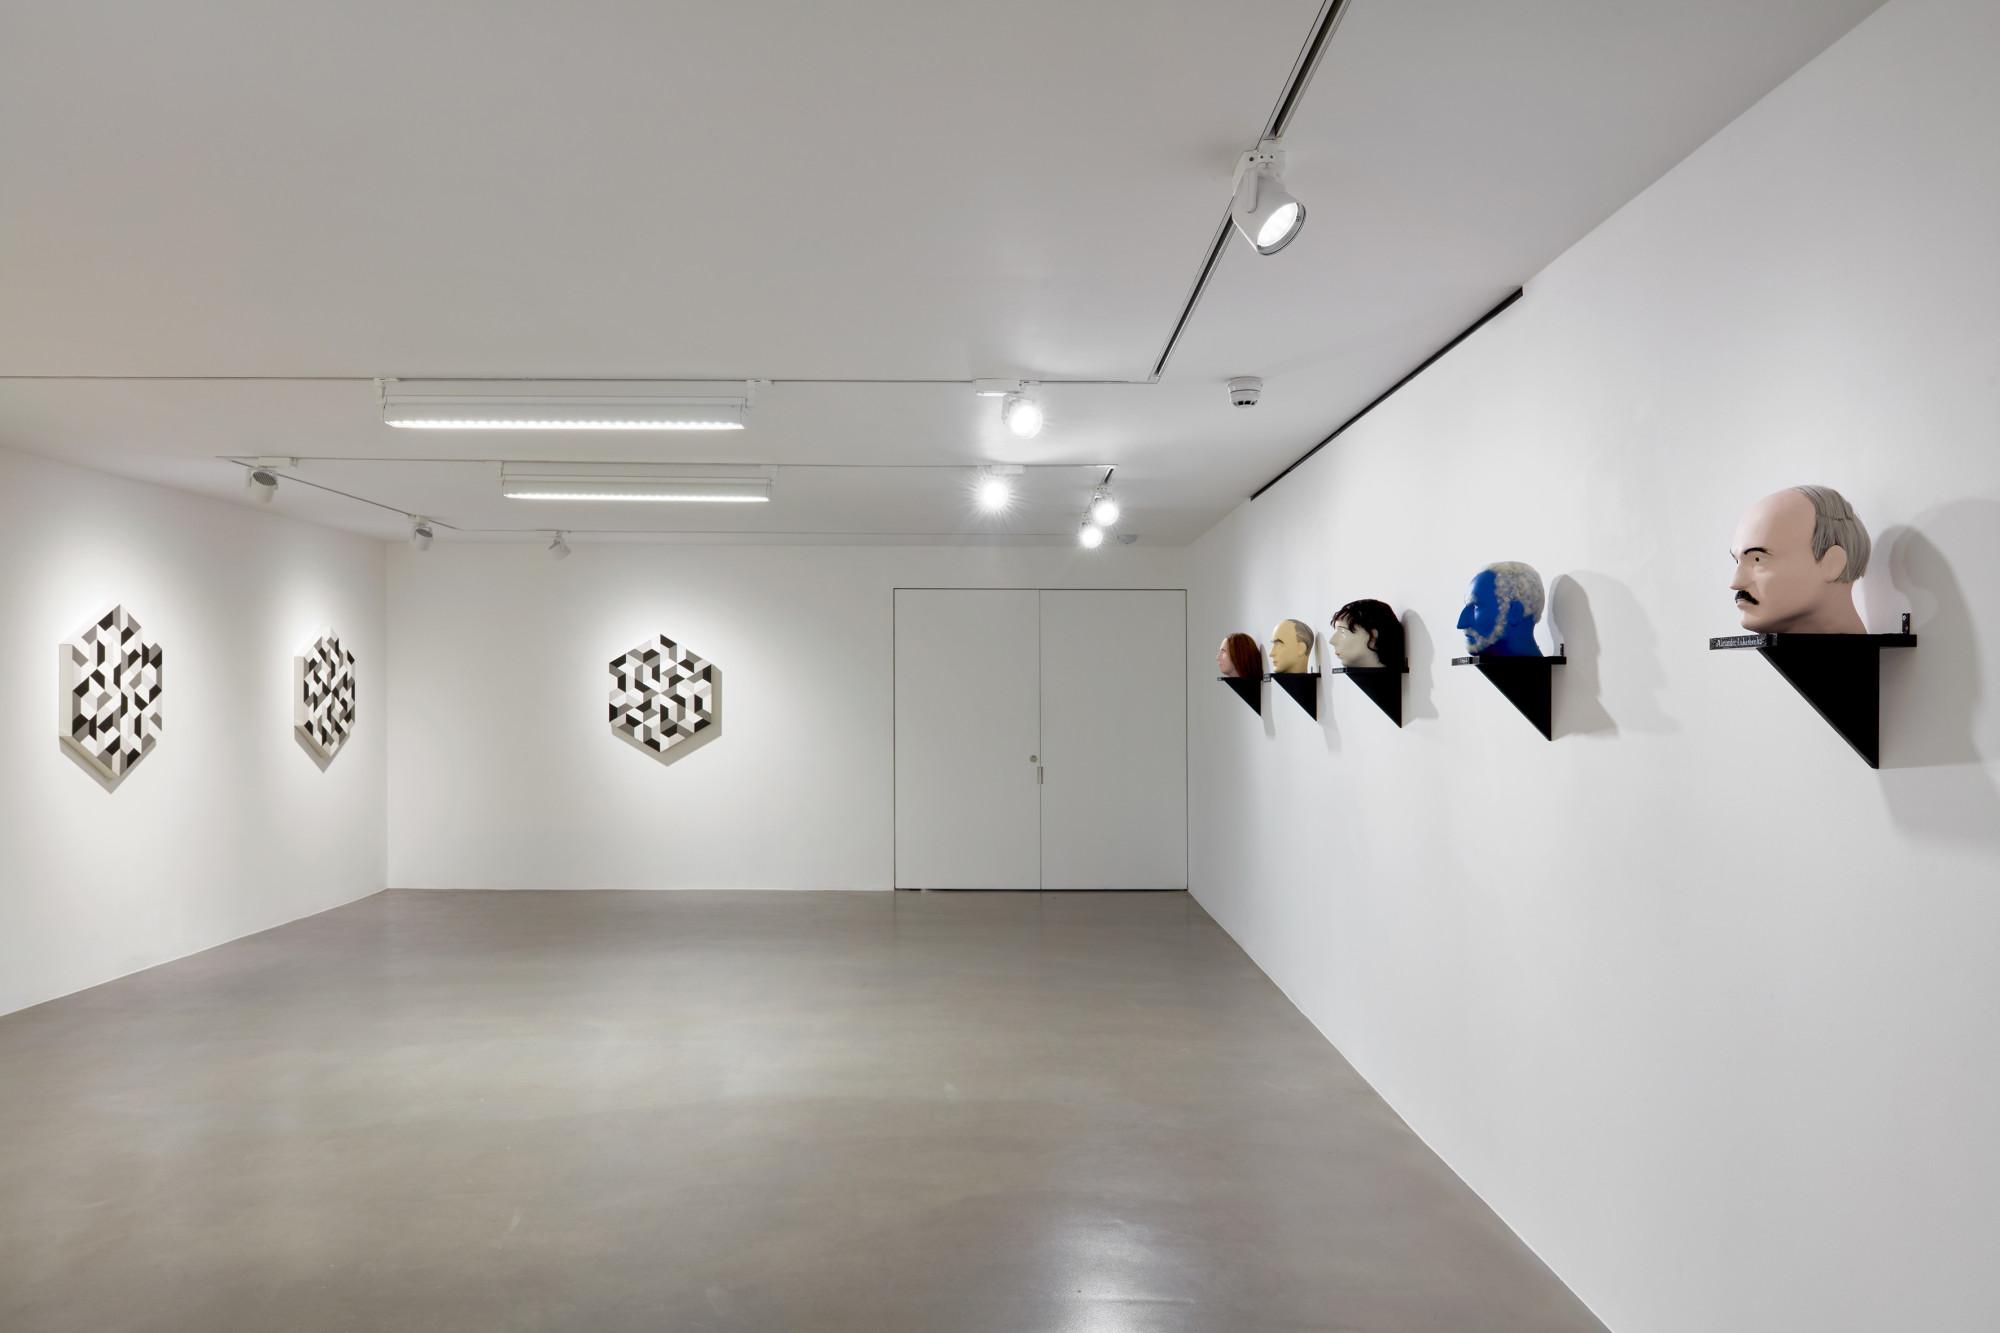 <p>Installation view, dépendance,Christian Flamm, Jos de Gruyter & Harald Thys, 1 Davies Street, 2020</p><p>Photo by Robert Glowacki</p>